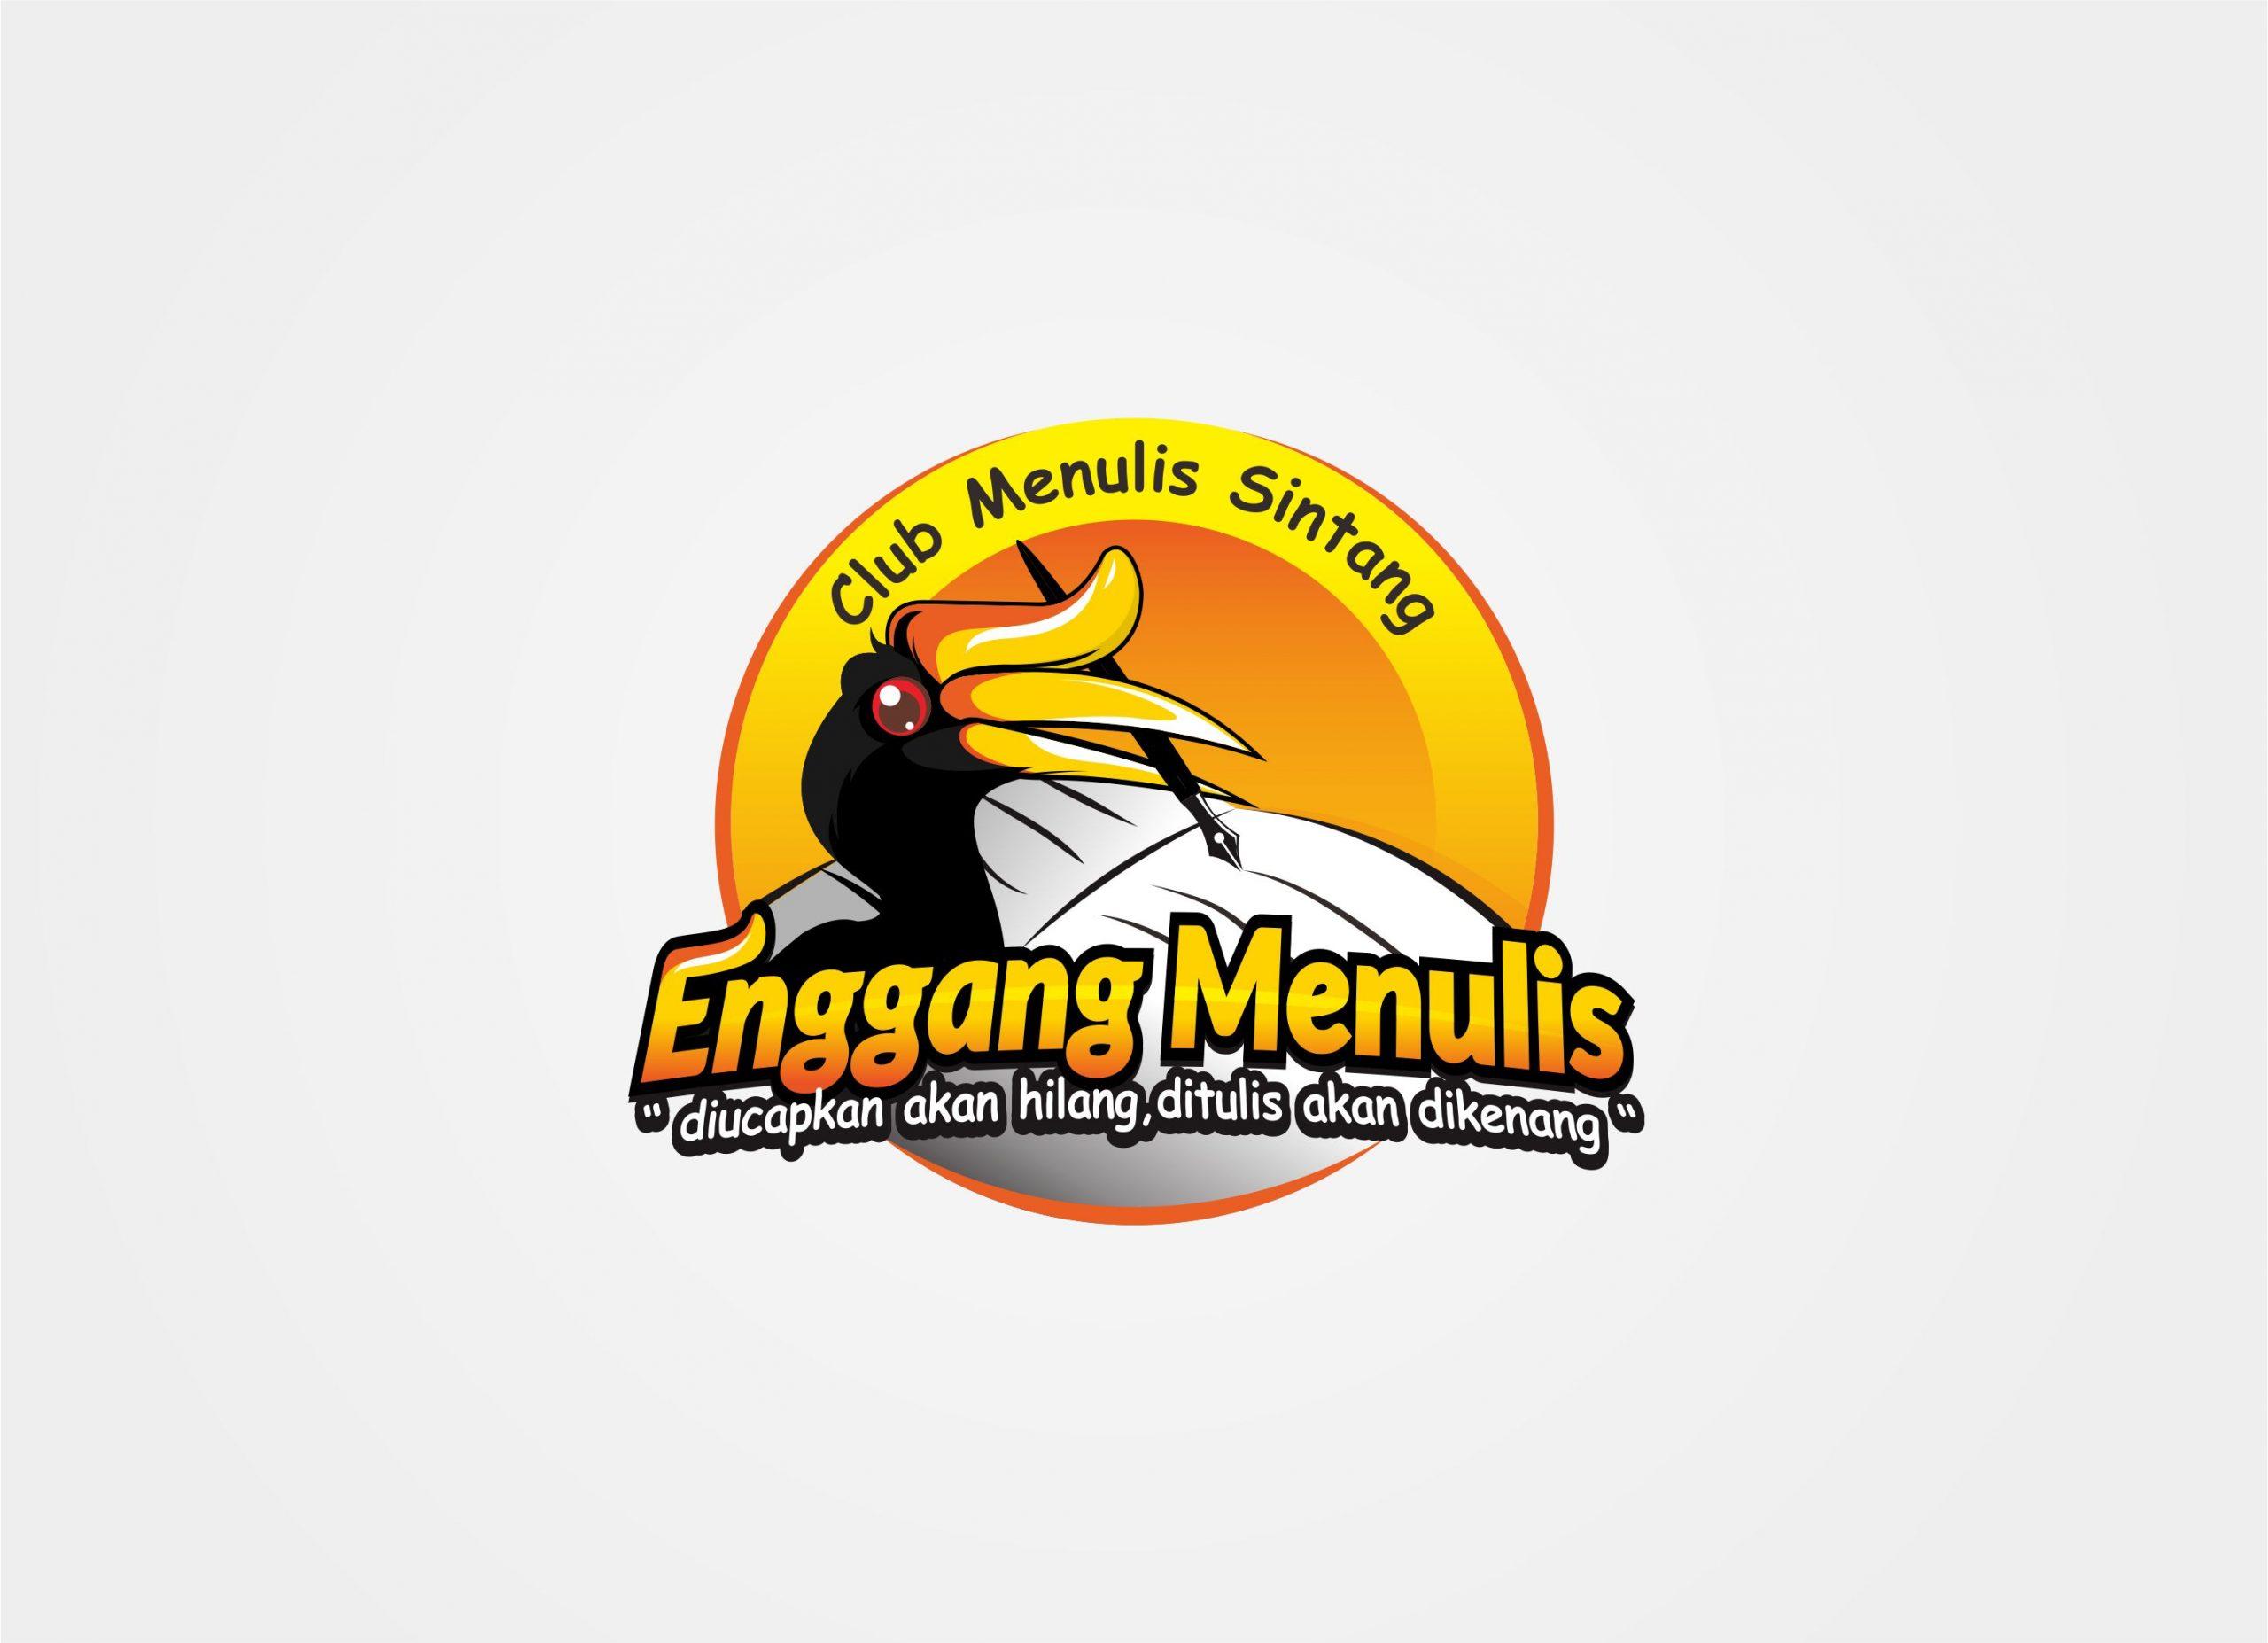 ENGGANG MENULIS